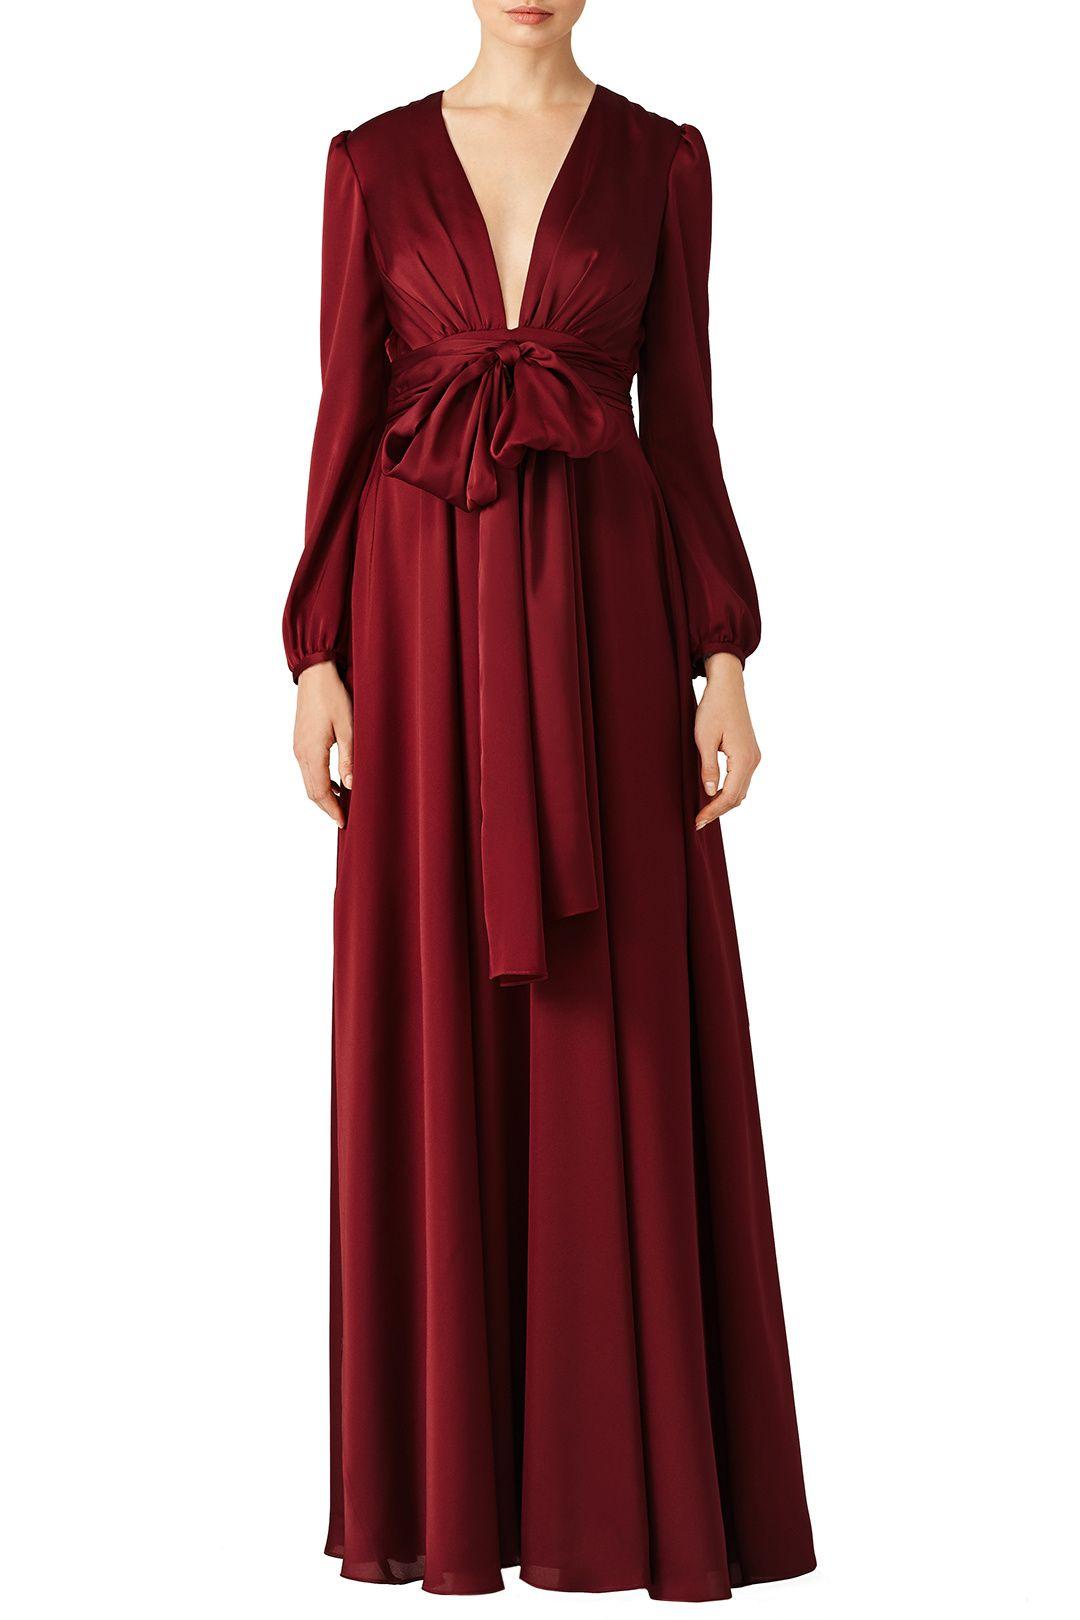 fb6ddf8b3d9 Oxblood Manor Gown by Jill Jill Stuart for  70